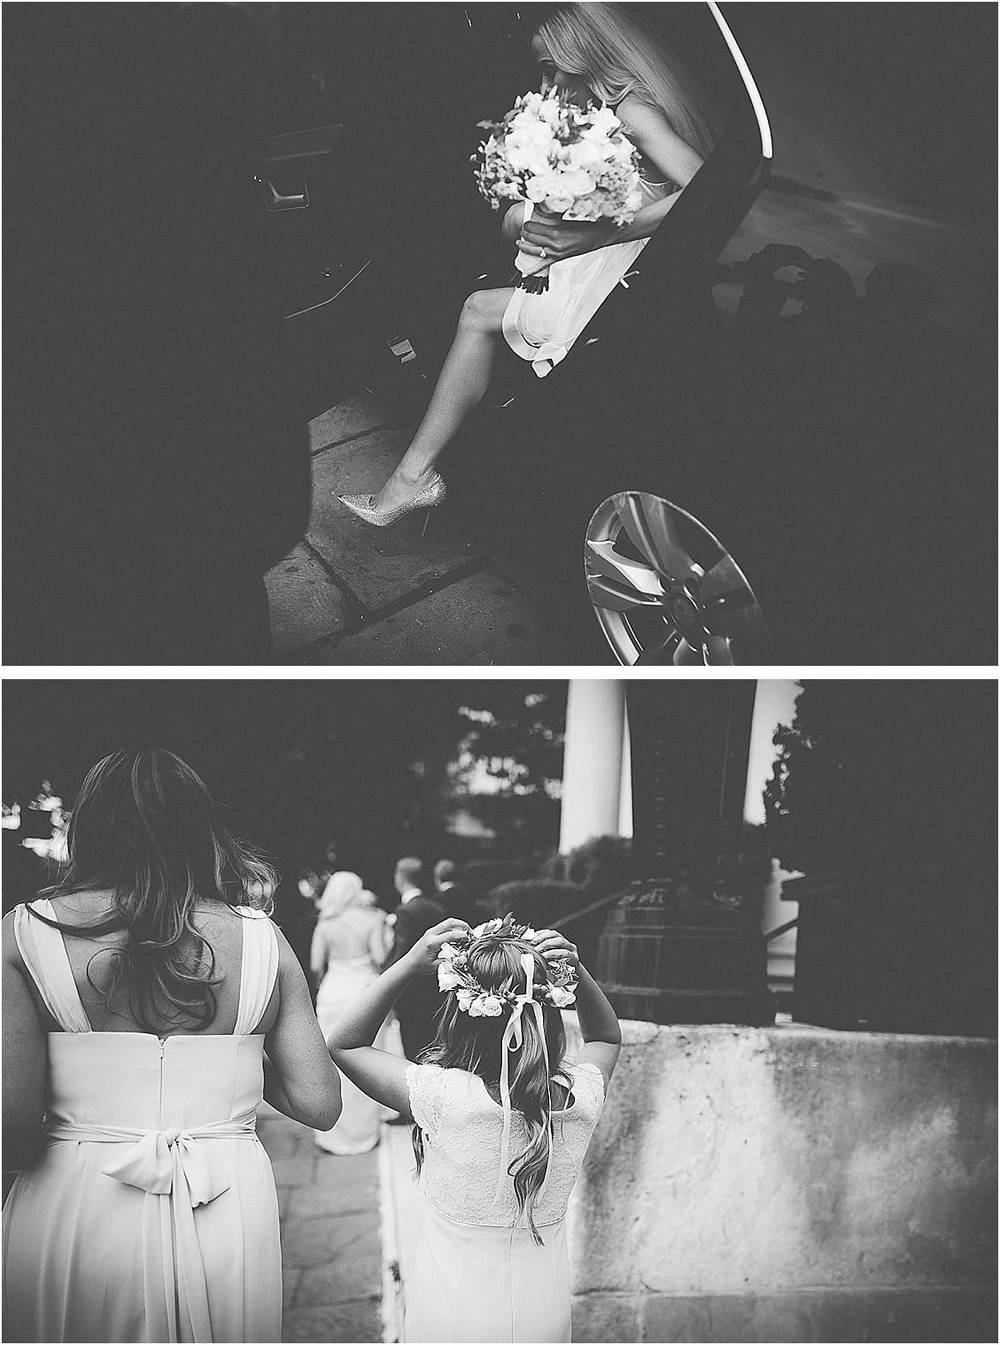 Boud_FionaclairPhotography_OneMarlyebone_Blog-111.jpg